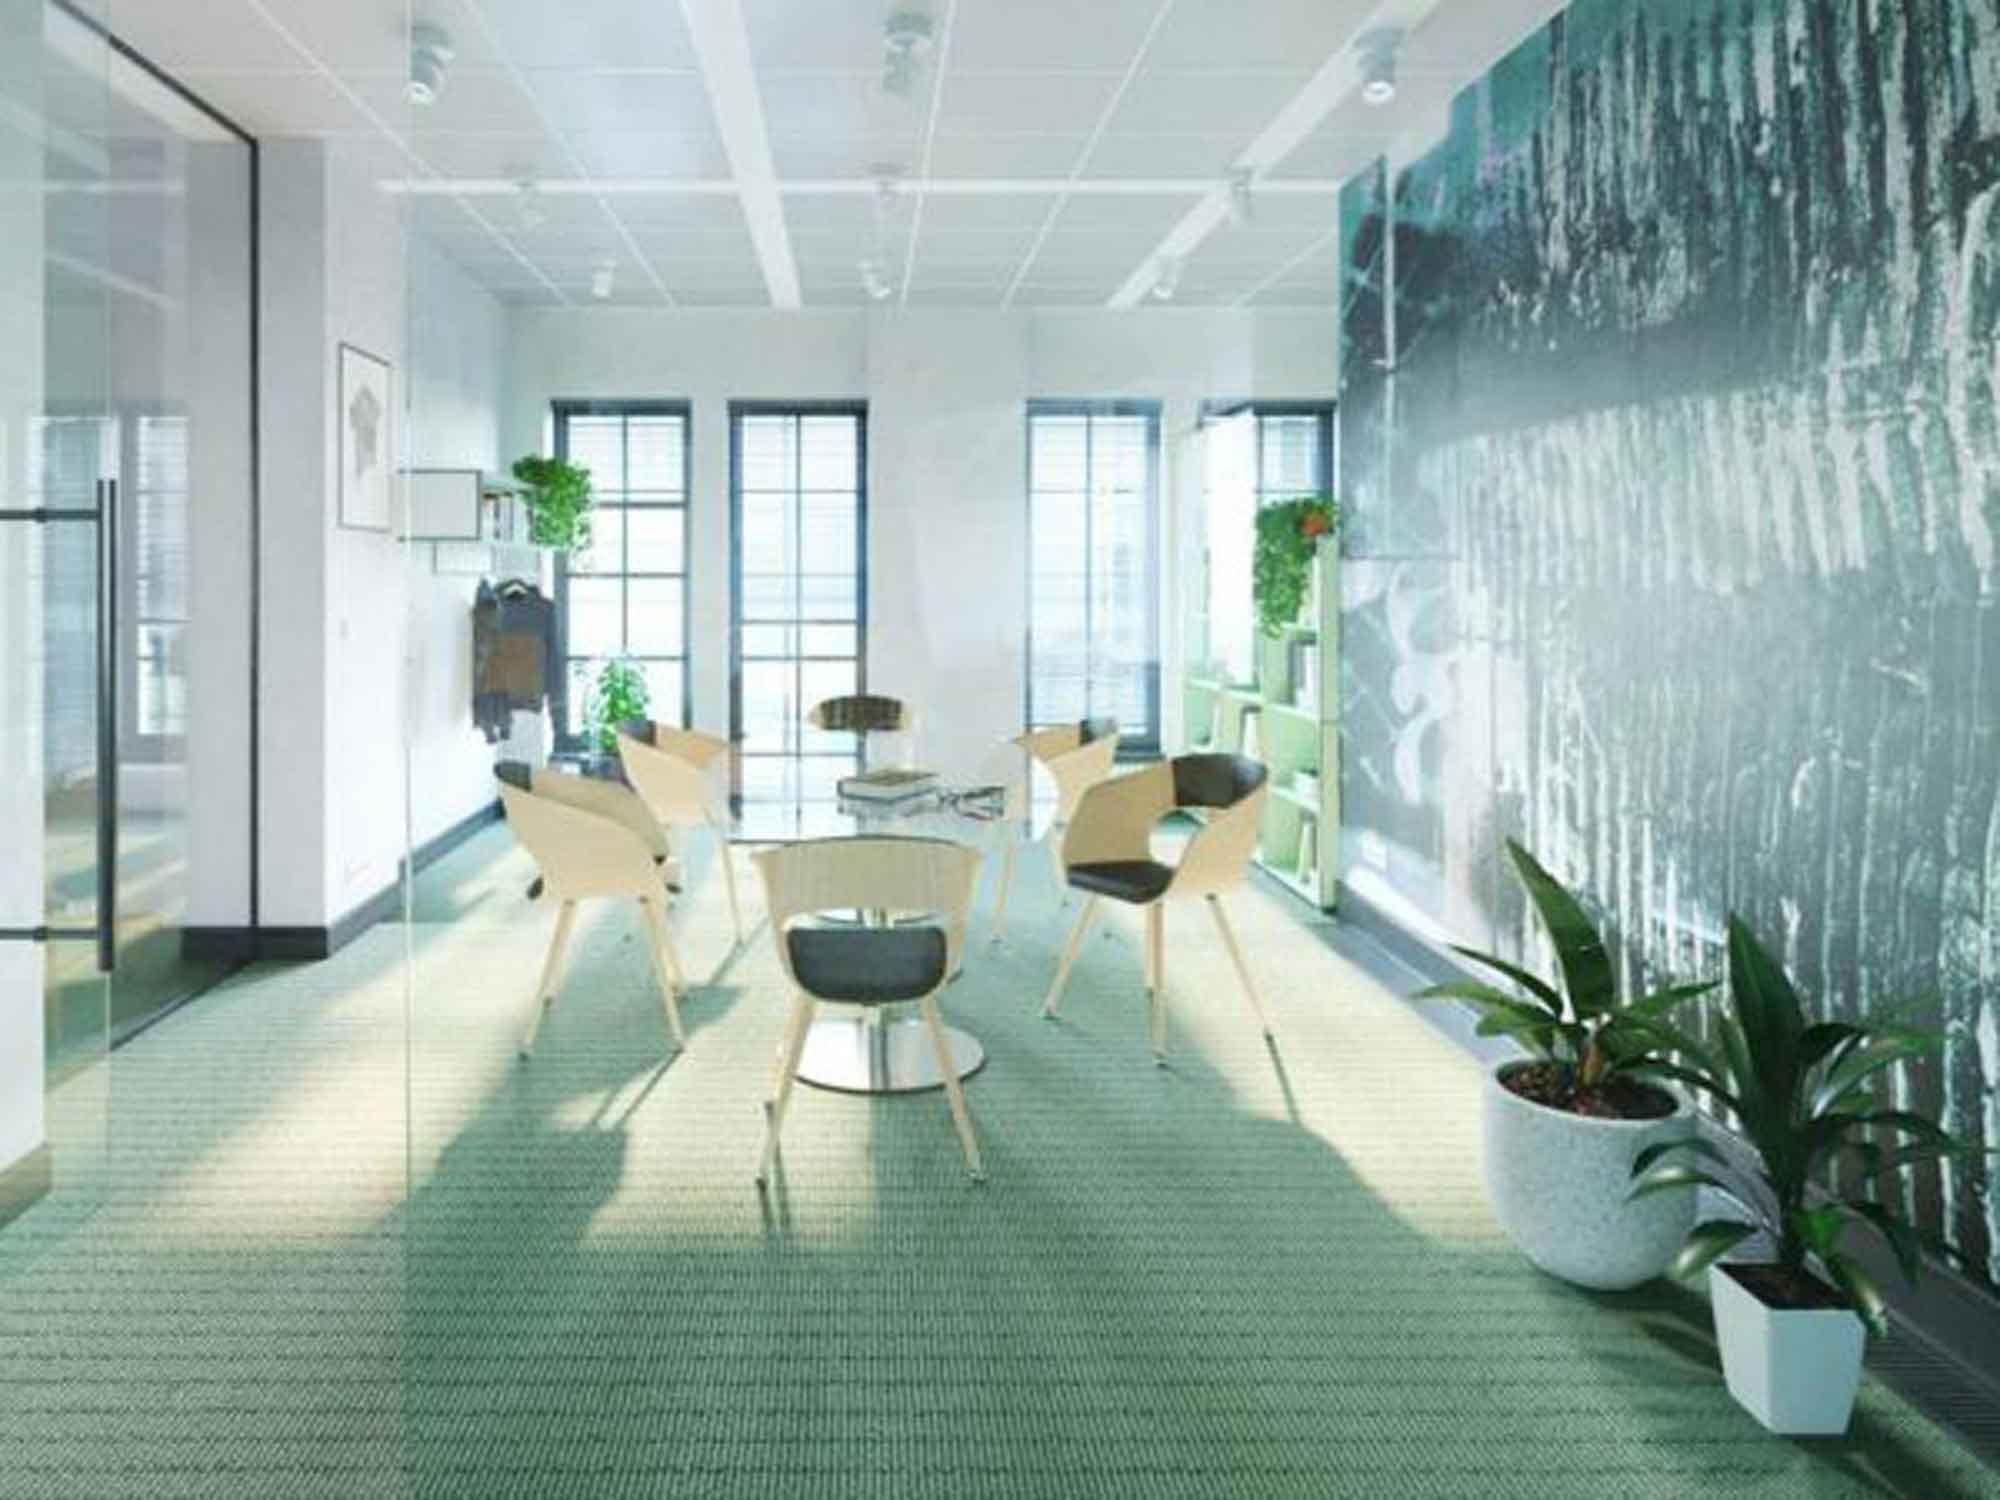 Meetingraum_mit_Konferenztisch_und_Meetingstuehlen